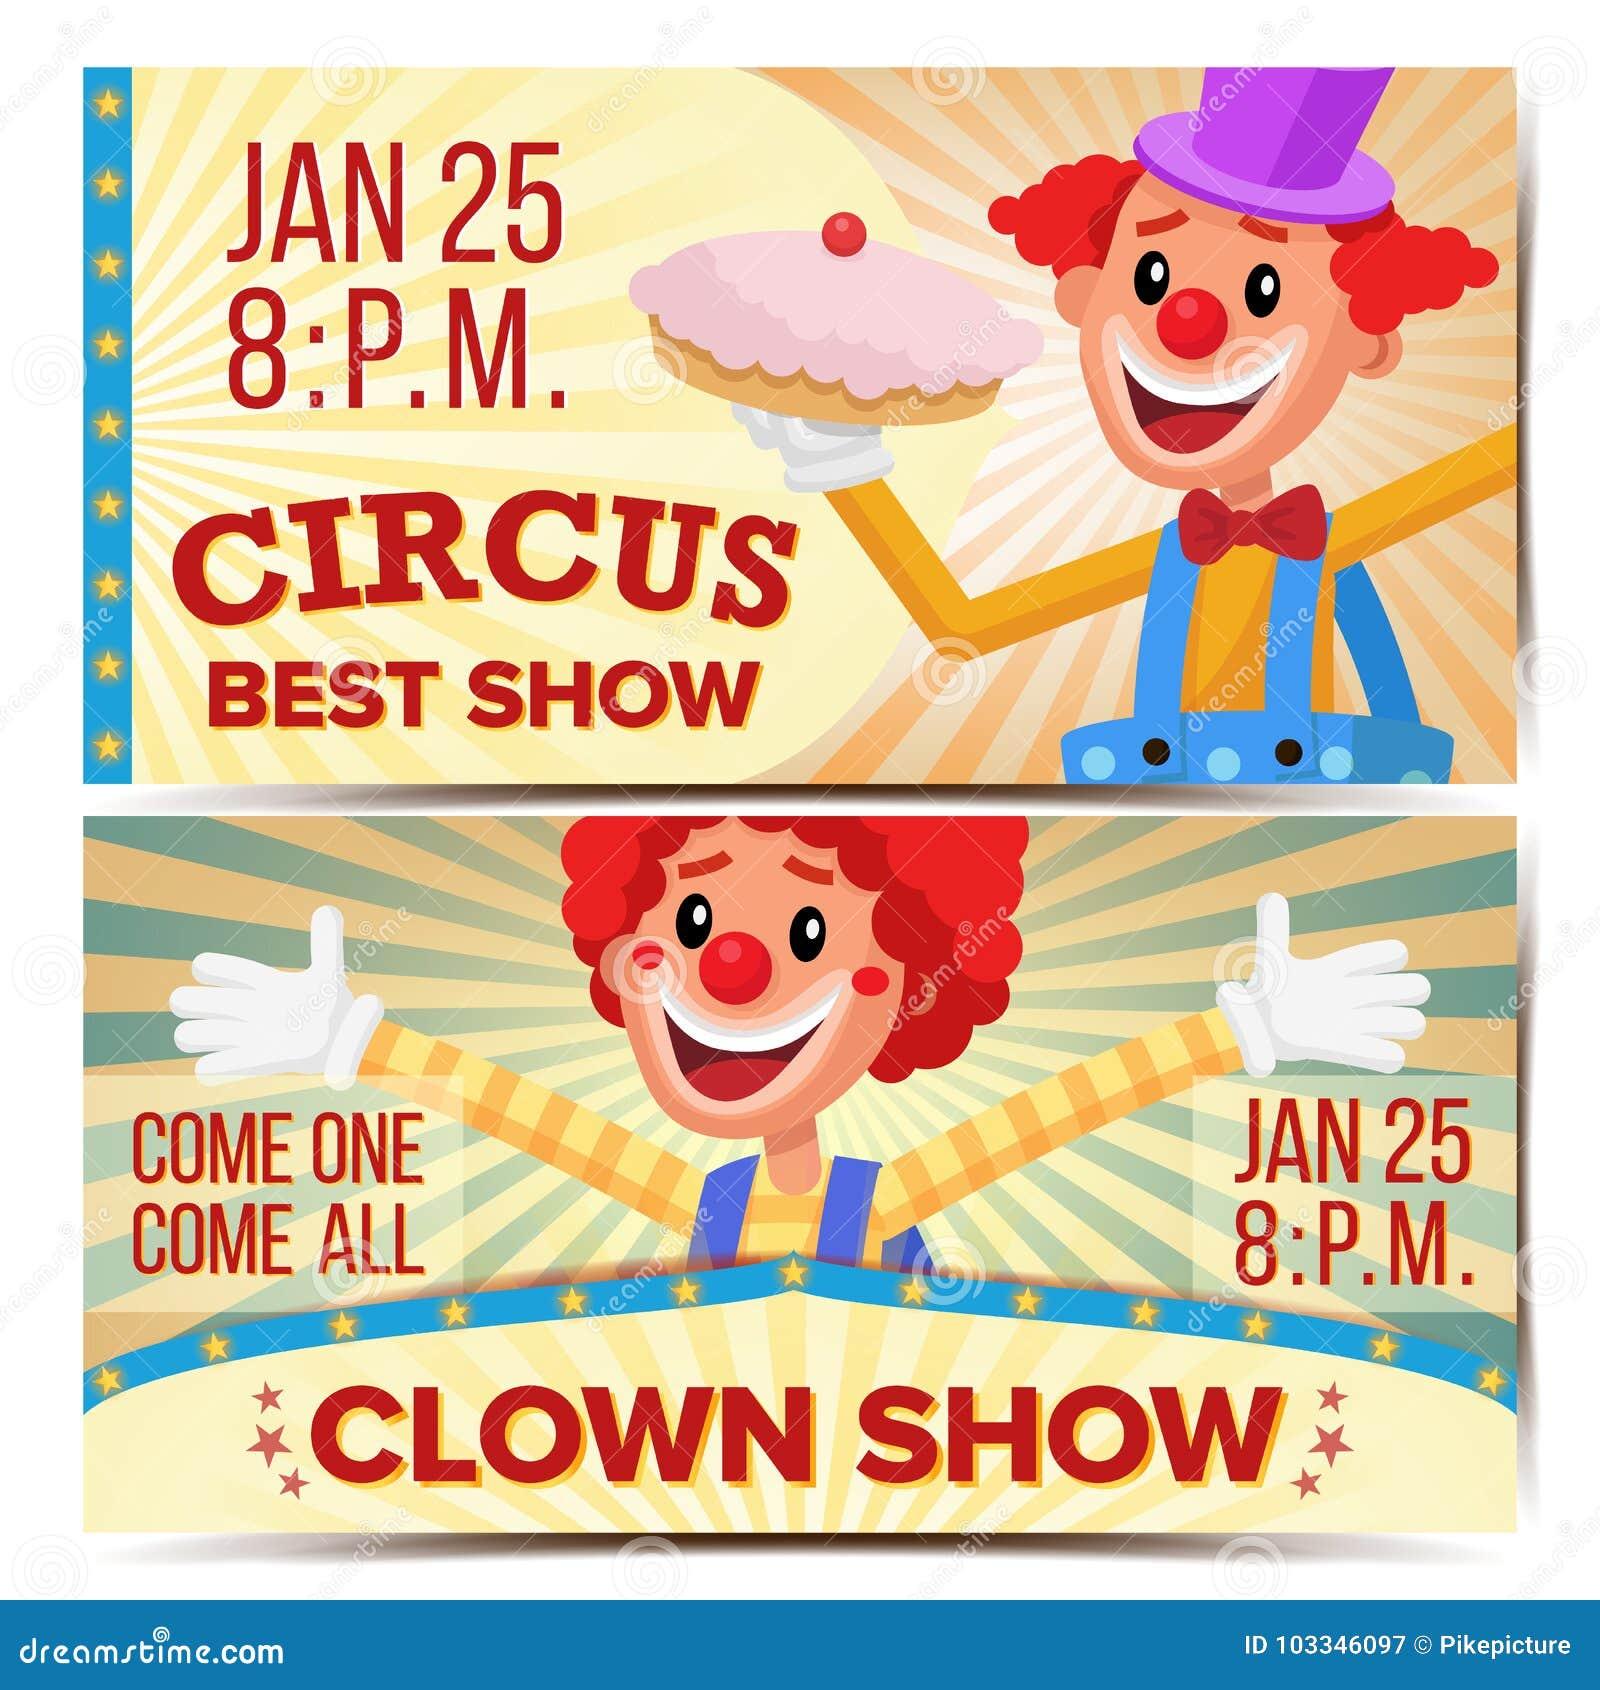 马戏团小丑水平的横幅模板传染媒介 巨大马戏展示概念 游乐园党 狂欢节节日